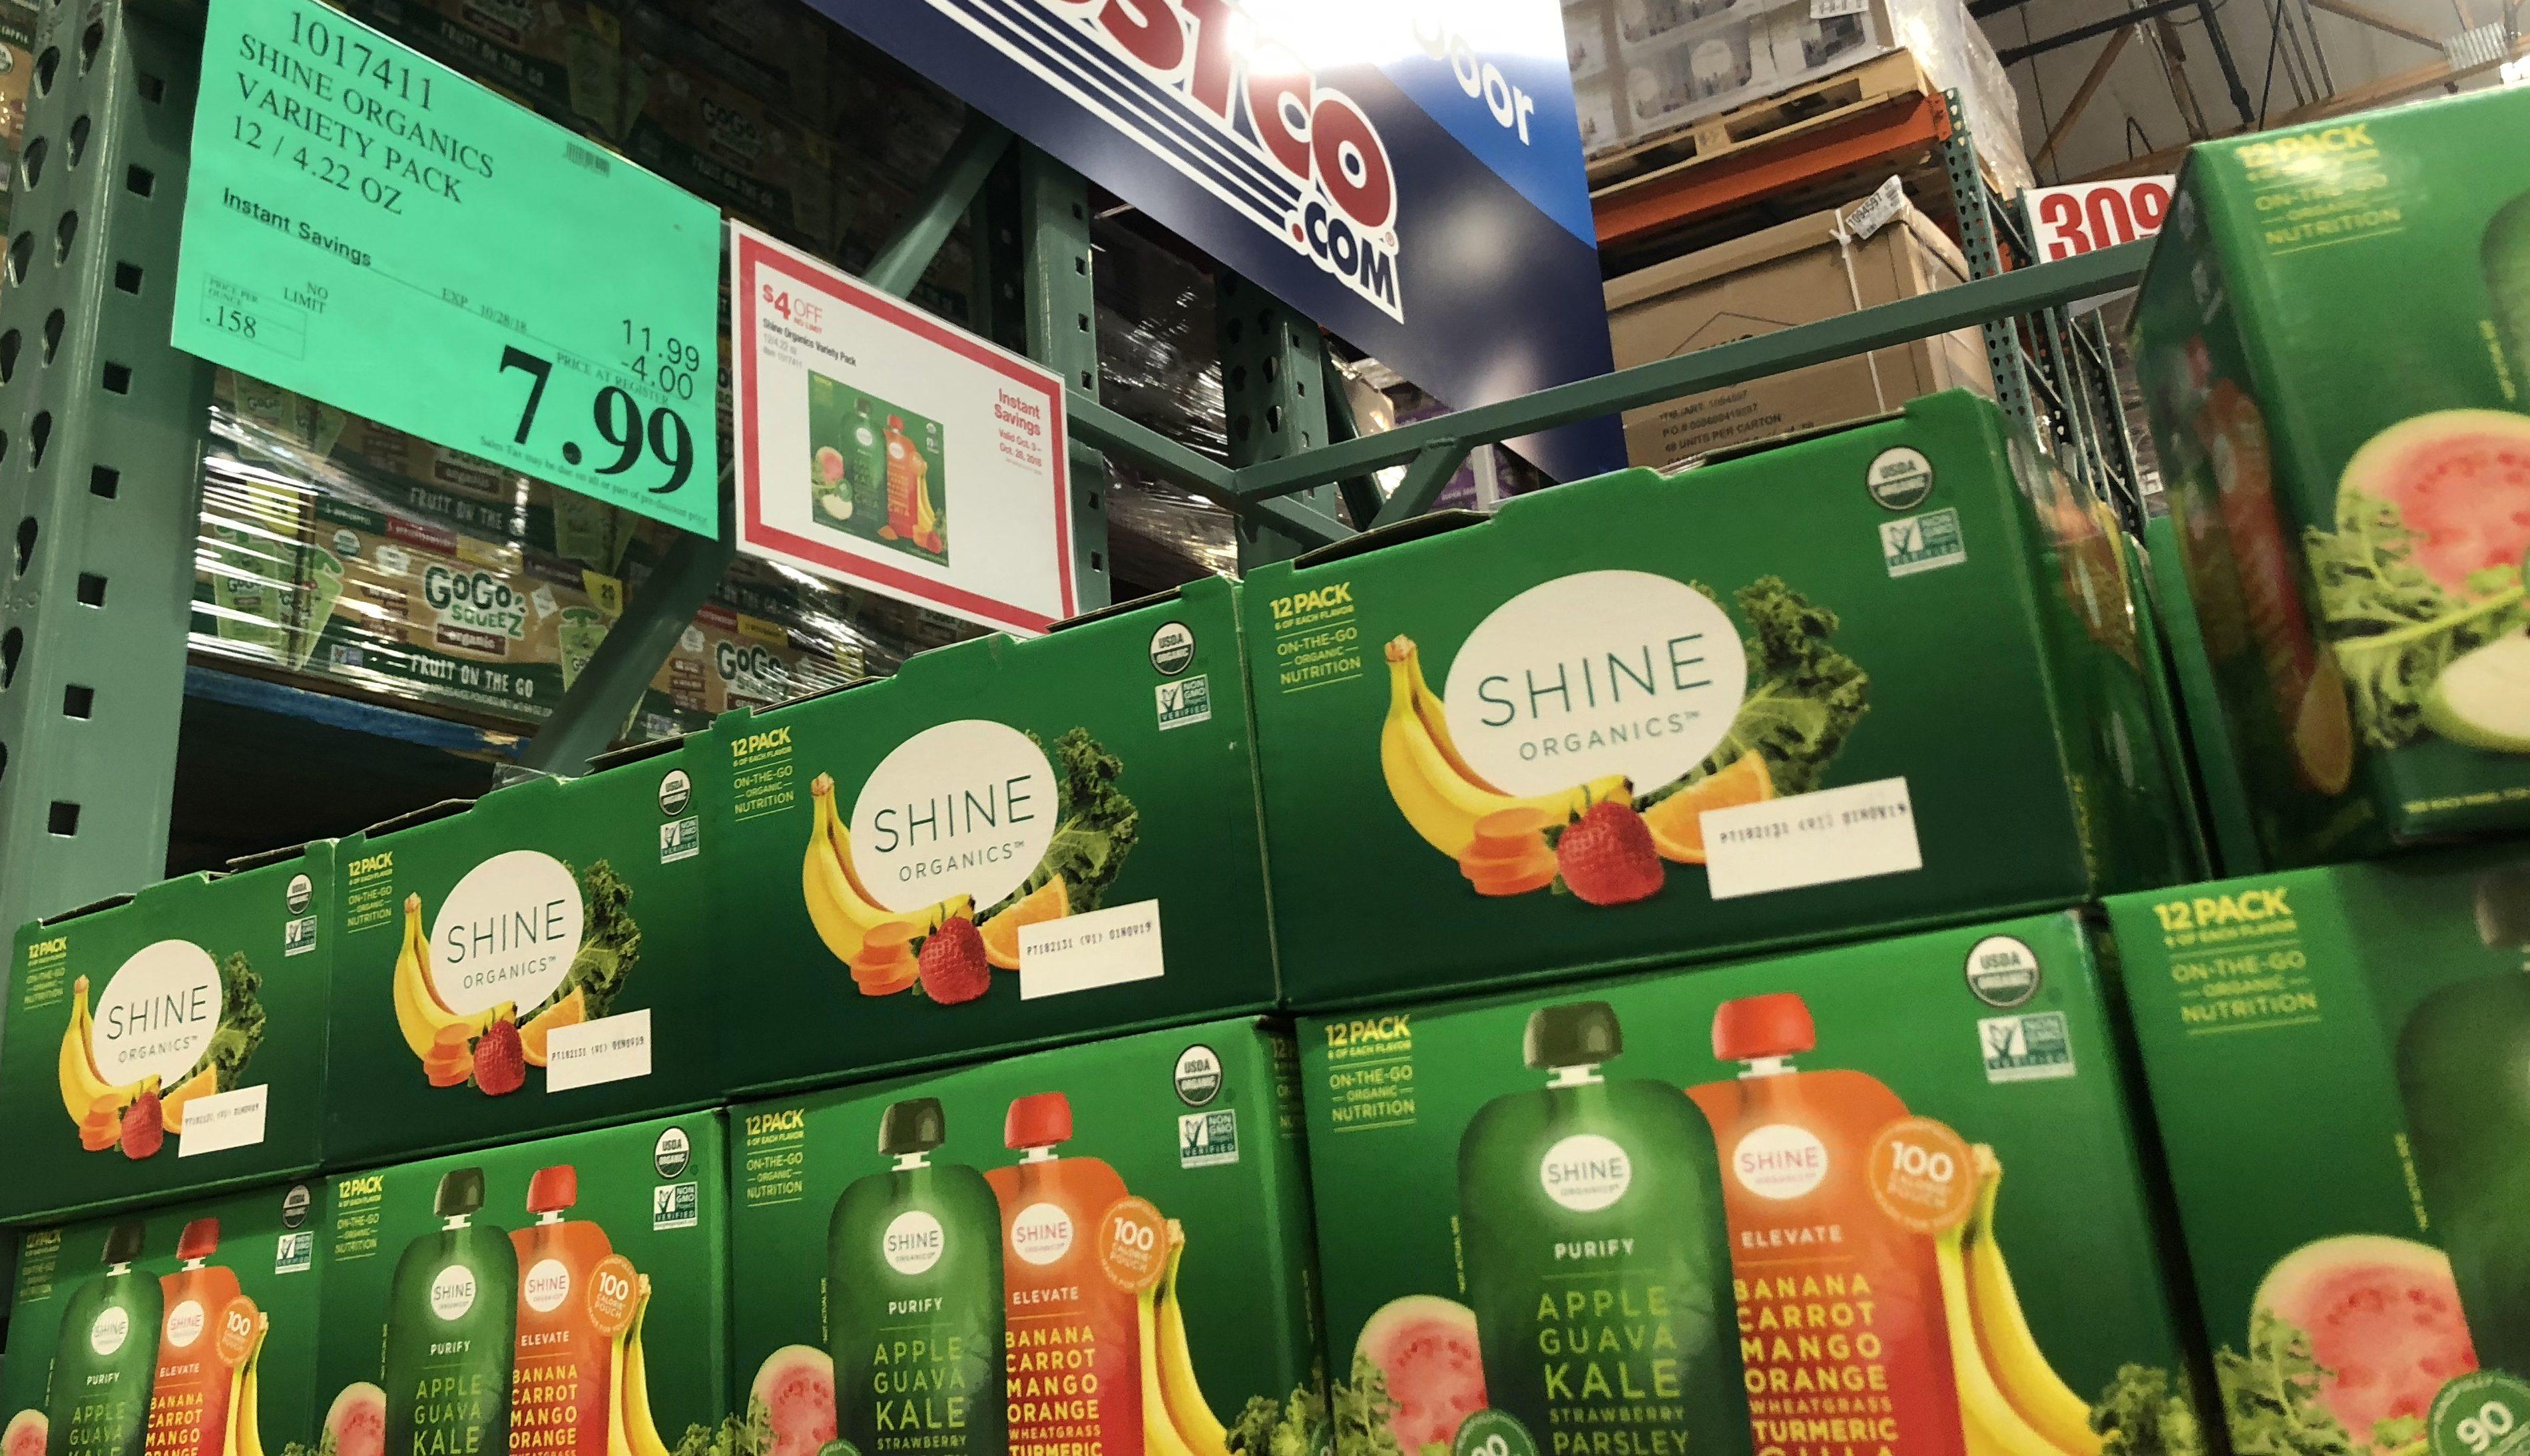 Costco deals October 2018 – Shine Organics drinks Costco